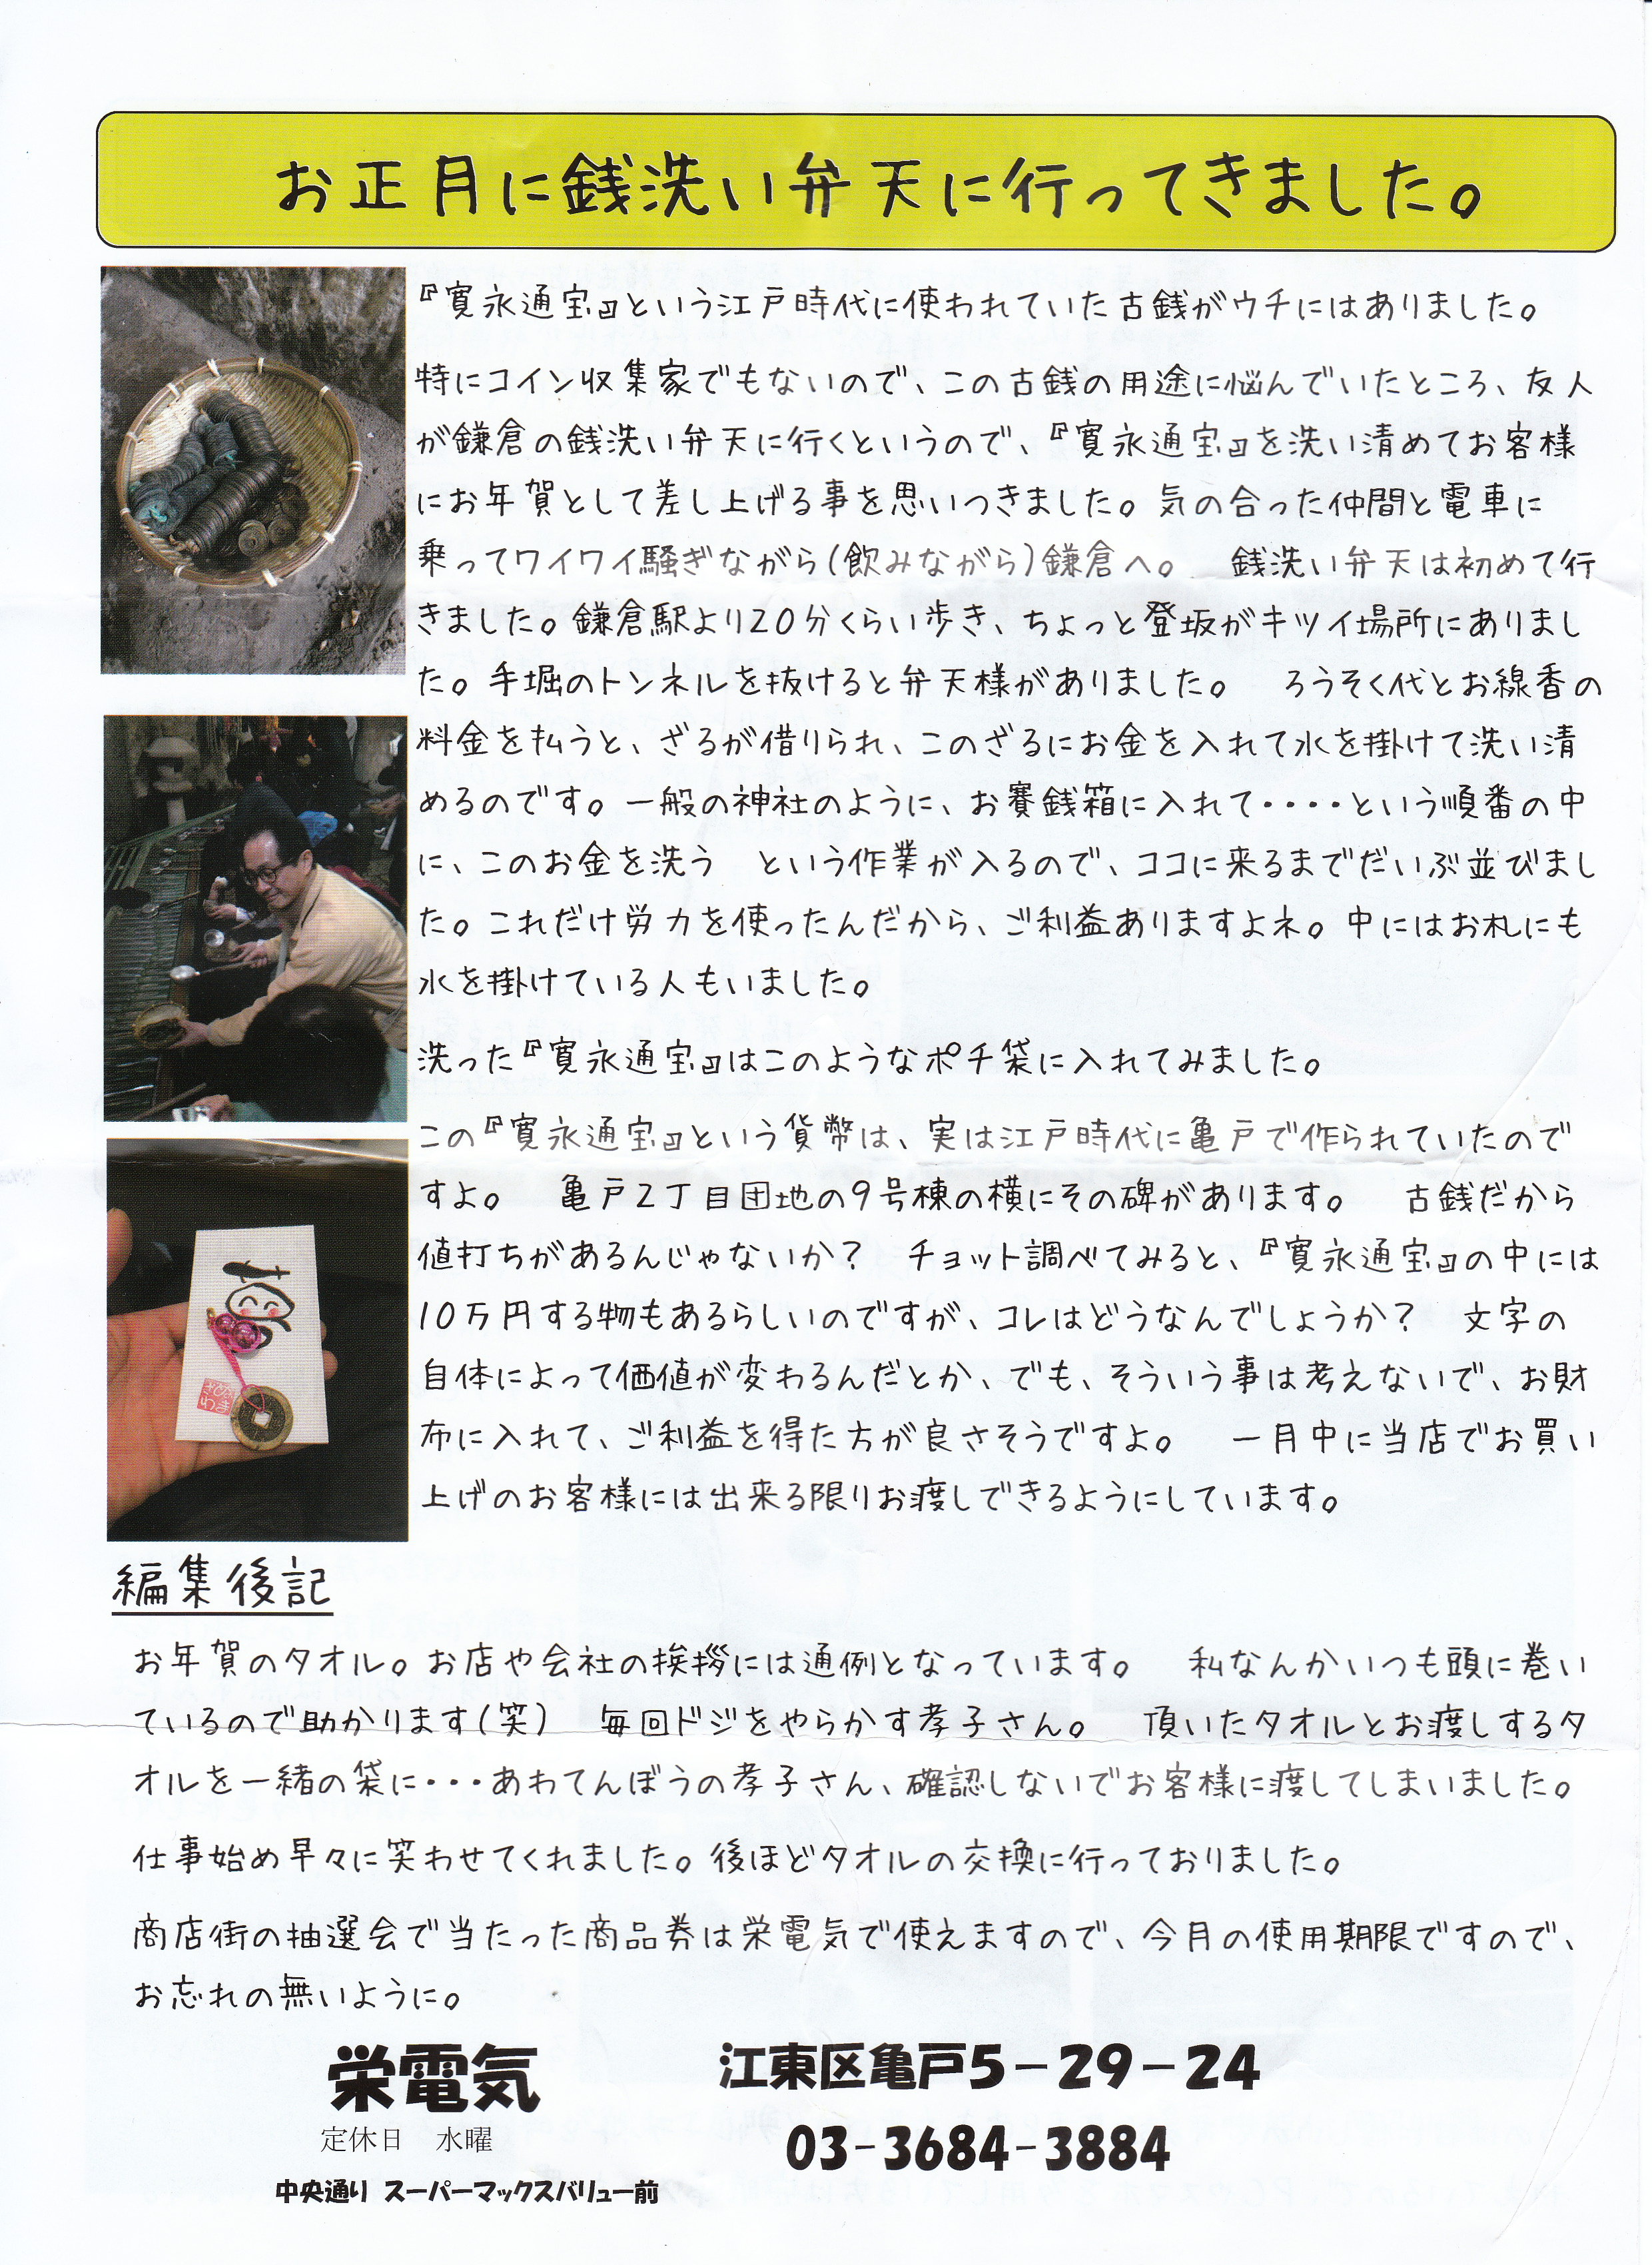 『栄電気のココロ』 2016年1月号 4ページ目